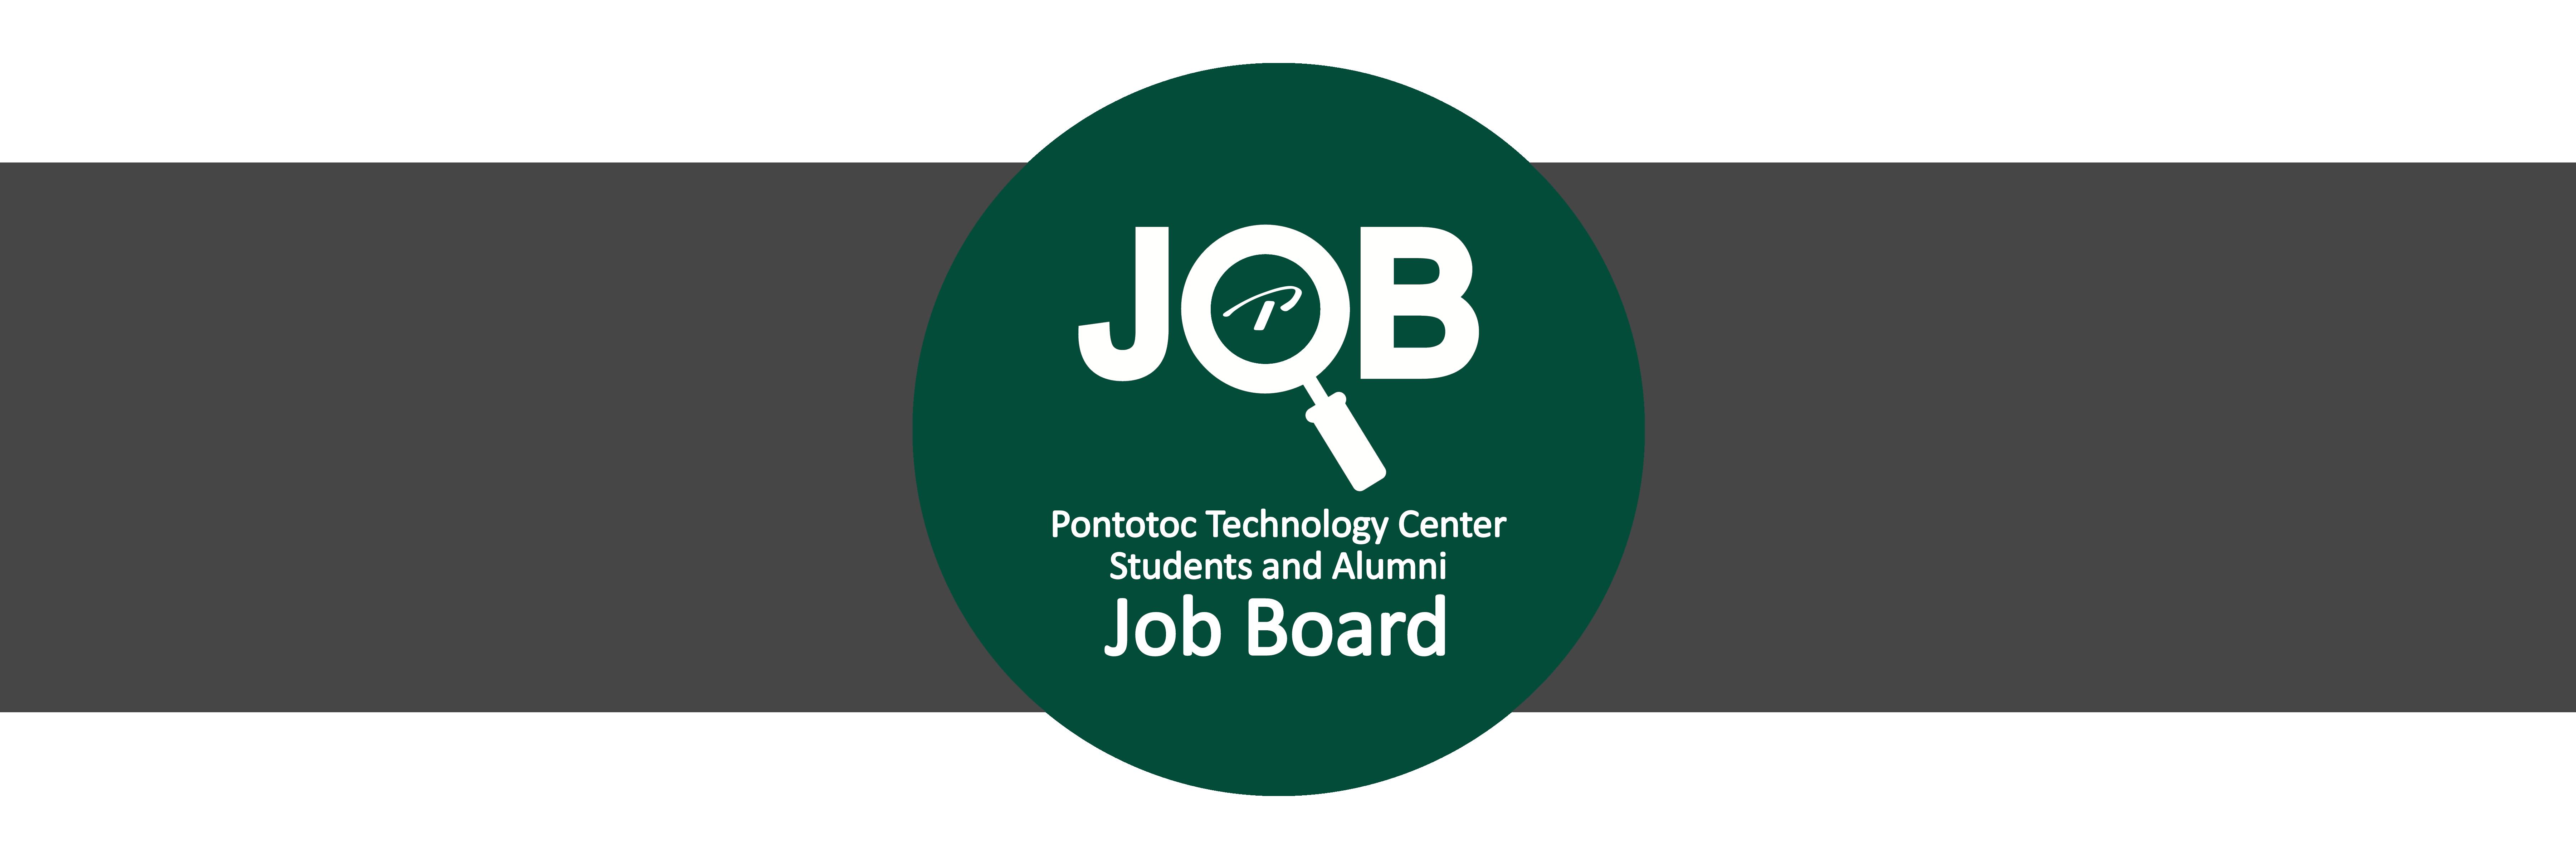 Student Job Board